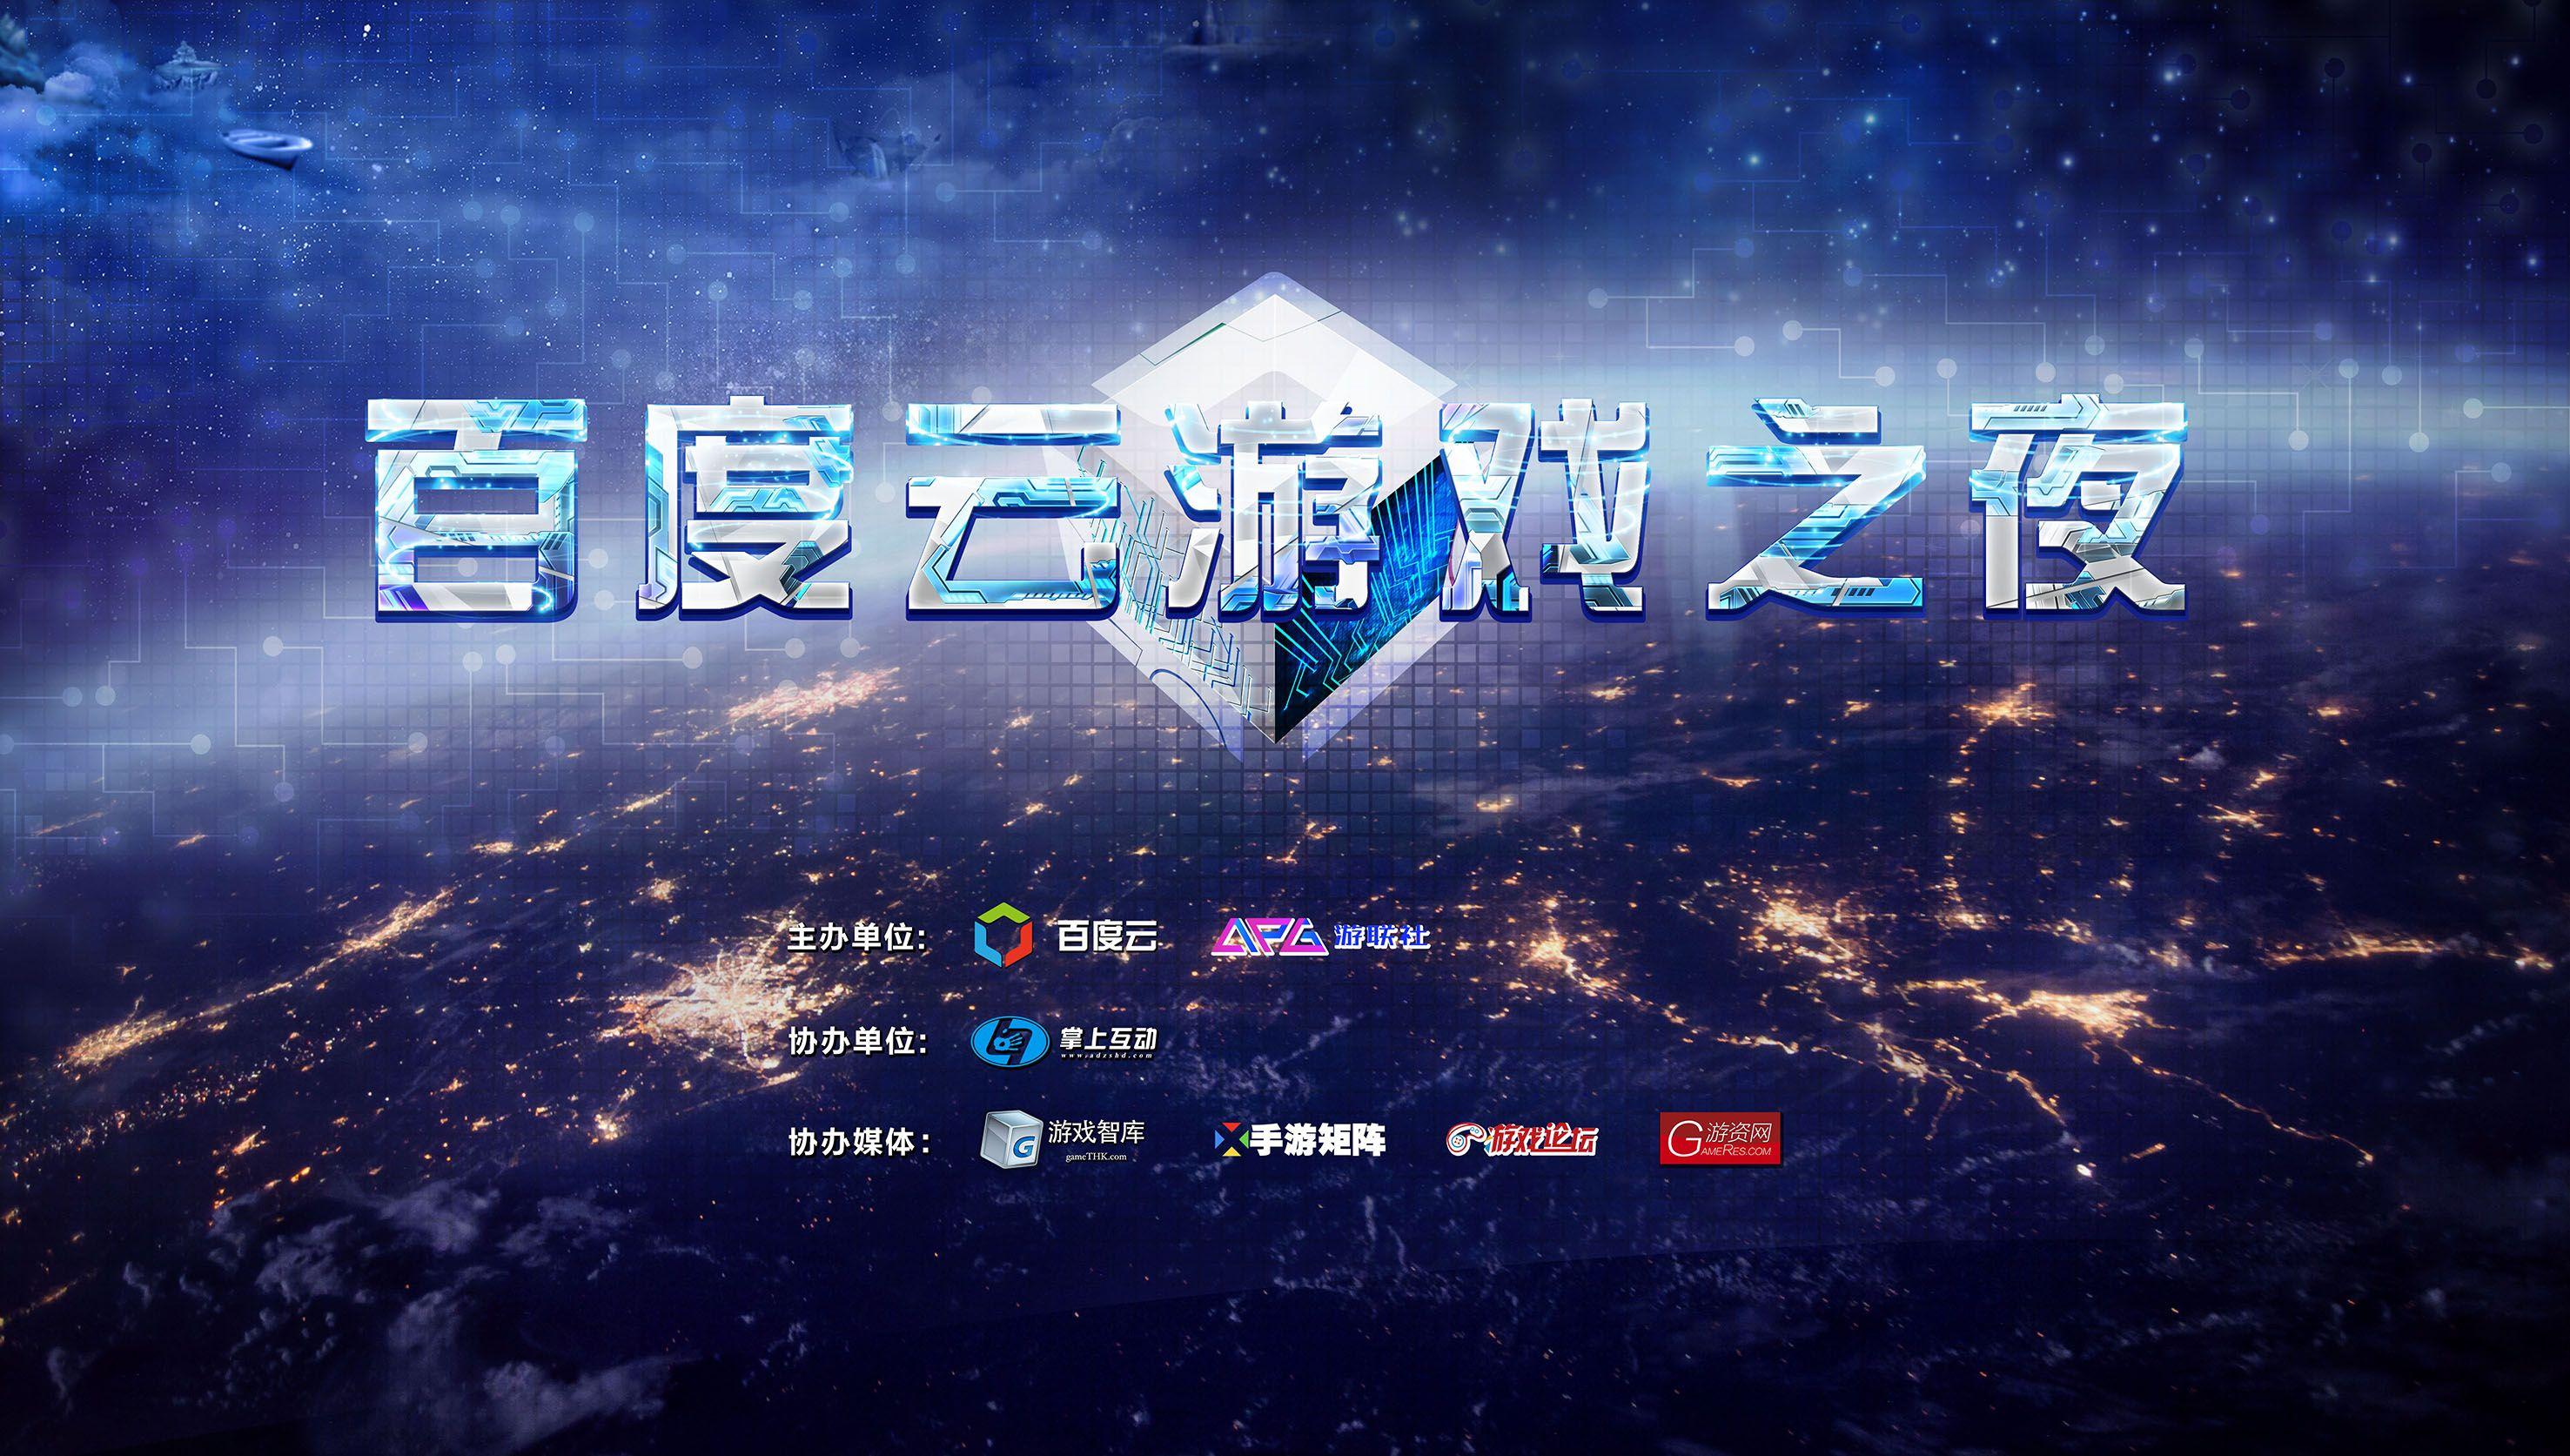 百度云游戏之夜将于8月4日举行盛大的游戏party